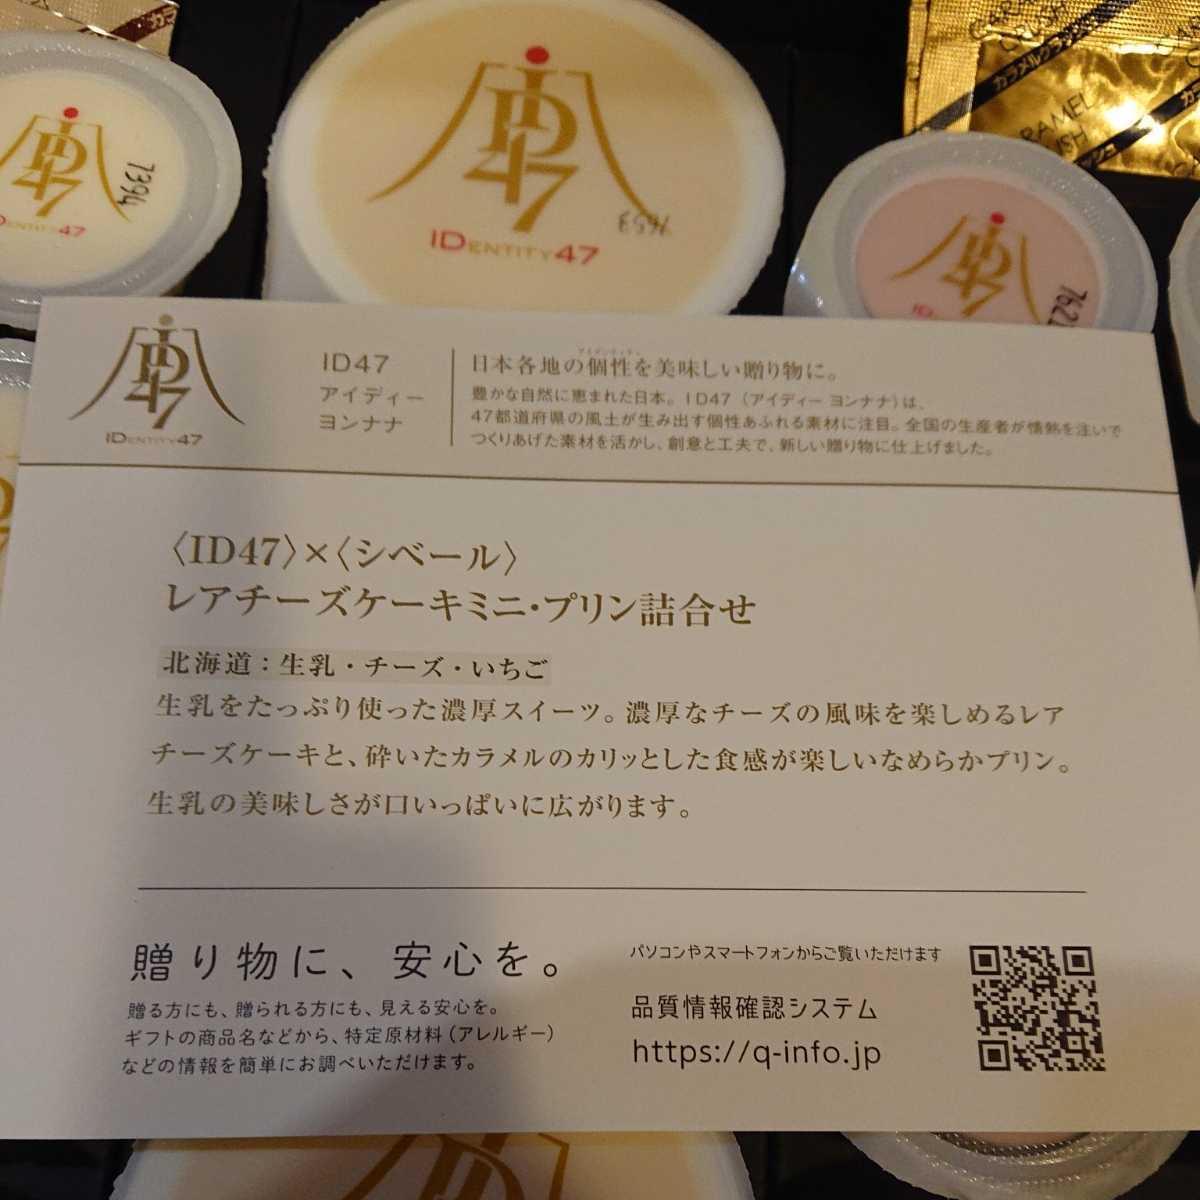 送料無料!!三越伊勢丹 シベール レアチーズケーキ・ミニプリン詰め合わせ アウトレット_画像5